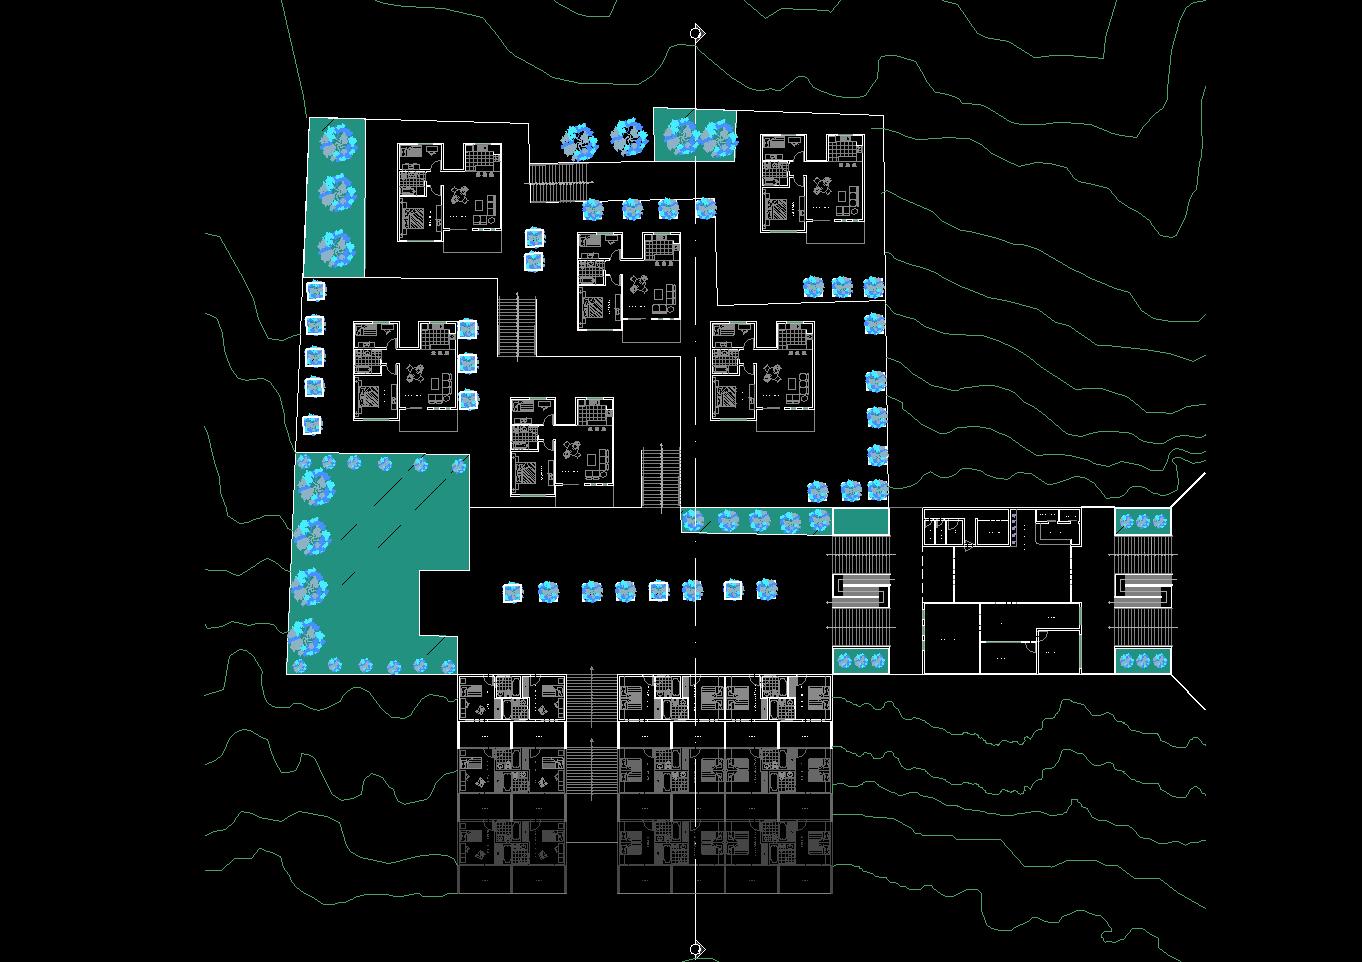 نقشه های معماری اقامتگاه بوم گردی